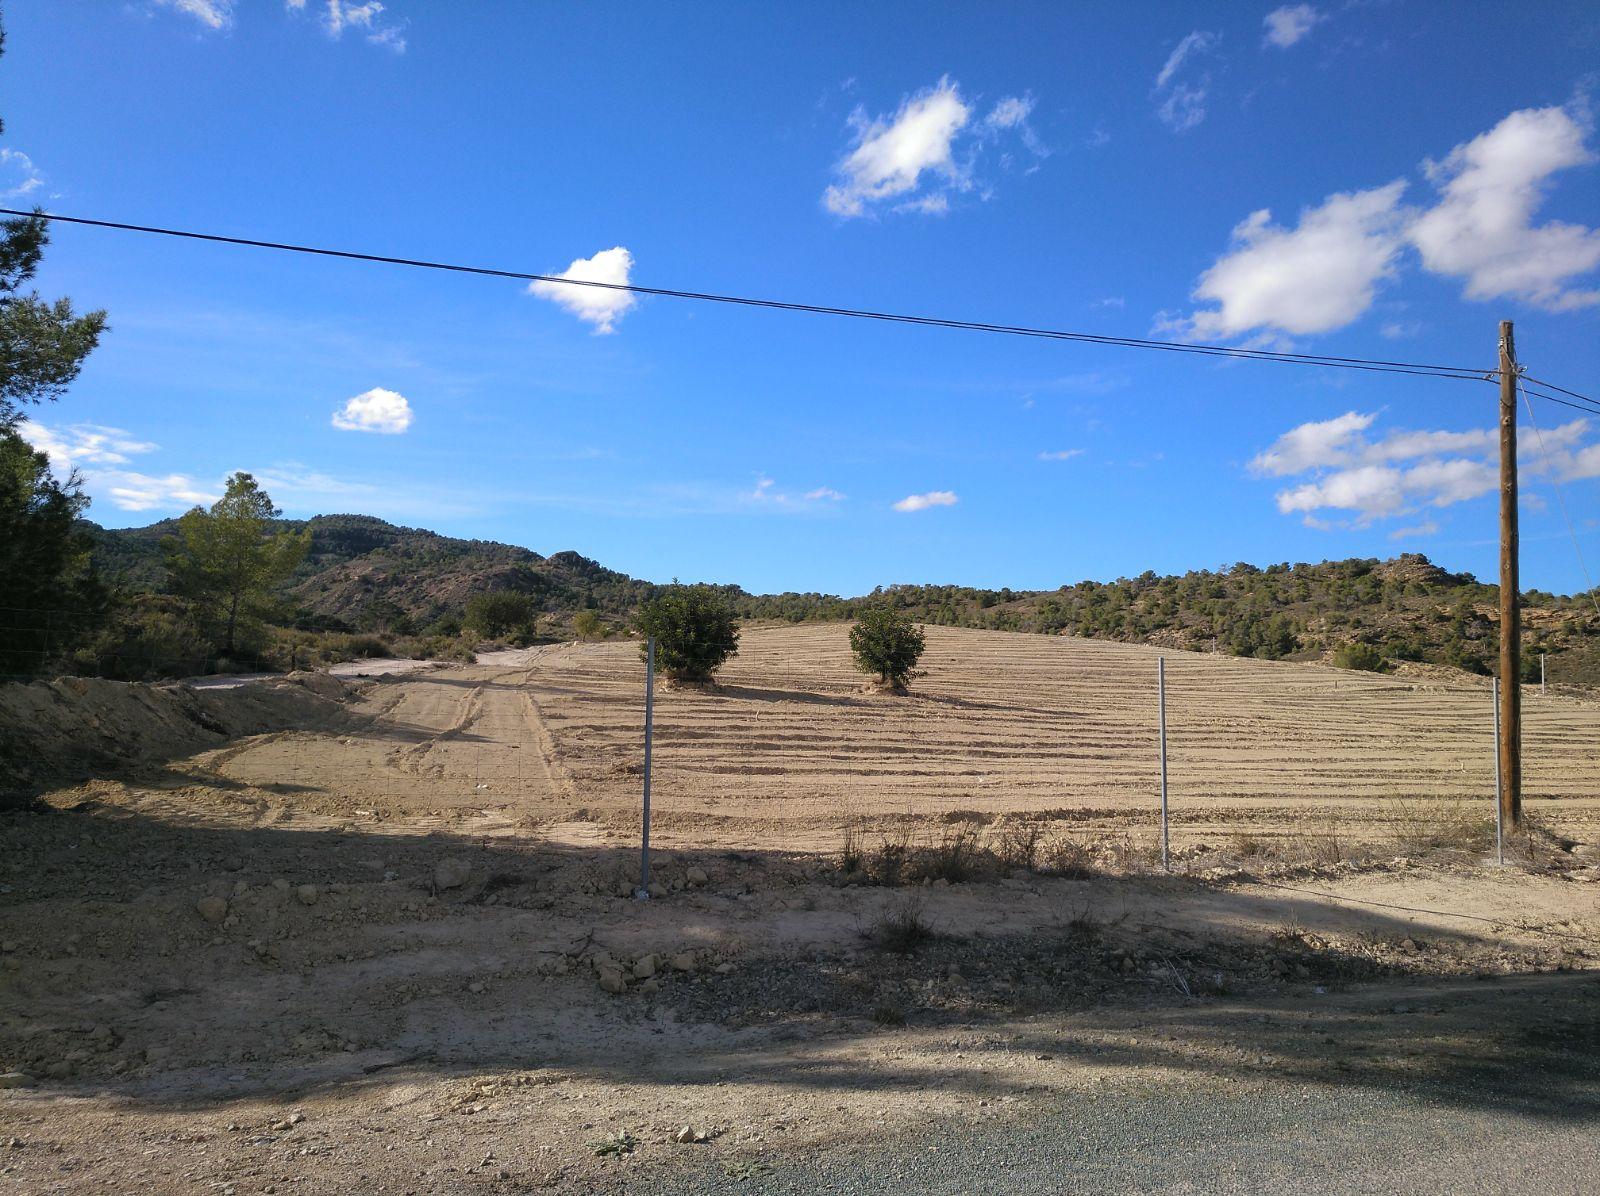 Roturación para regadío ilegal en Murcia (Los Manzanos). Imagen: EEA